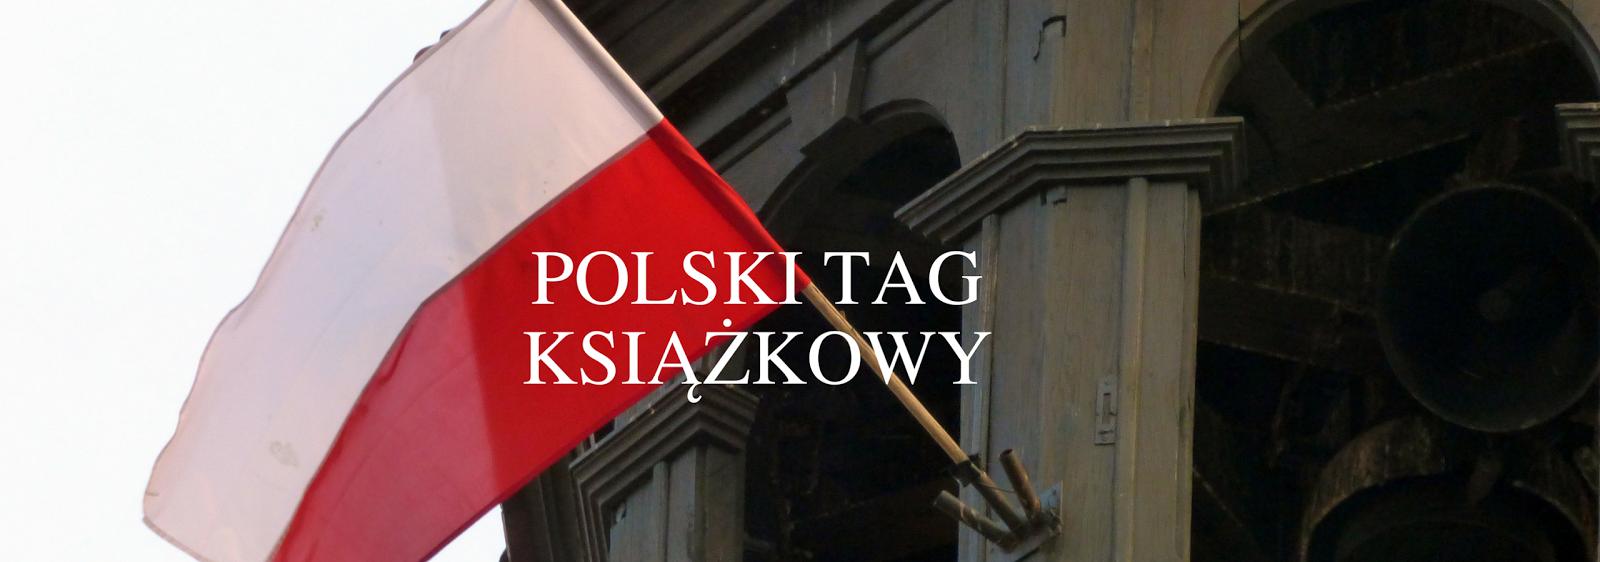 Polski Tag Książkowy